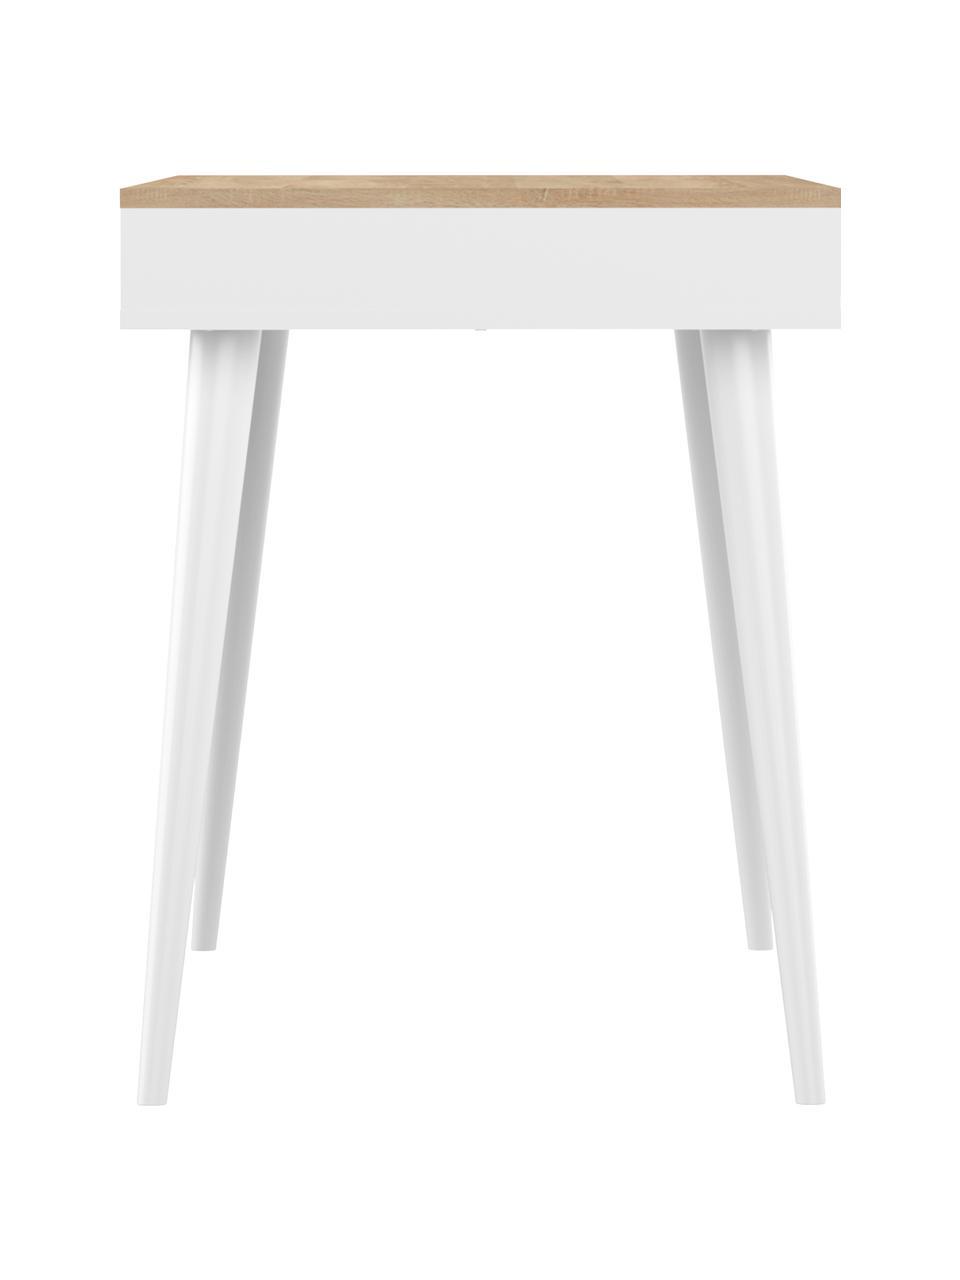 Schreibtisch Horizon in Weiß mit Eichenholz-Optik, Tischplatte: Spanplatte, melaminbeschi, Korpus: Spanplatte, lackiert, Beine: Buchenholz, massiv, lacki, Griffe: Kuhleder, Eichenholz, Weiß, B 134 x T 59 cm